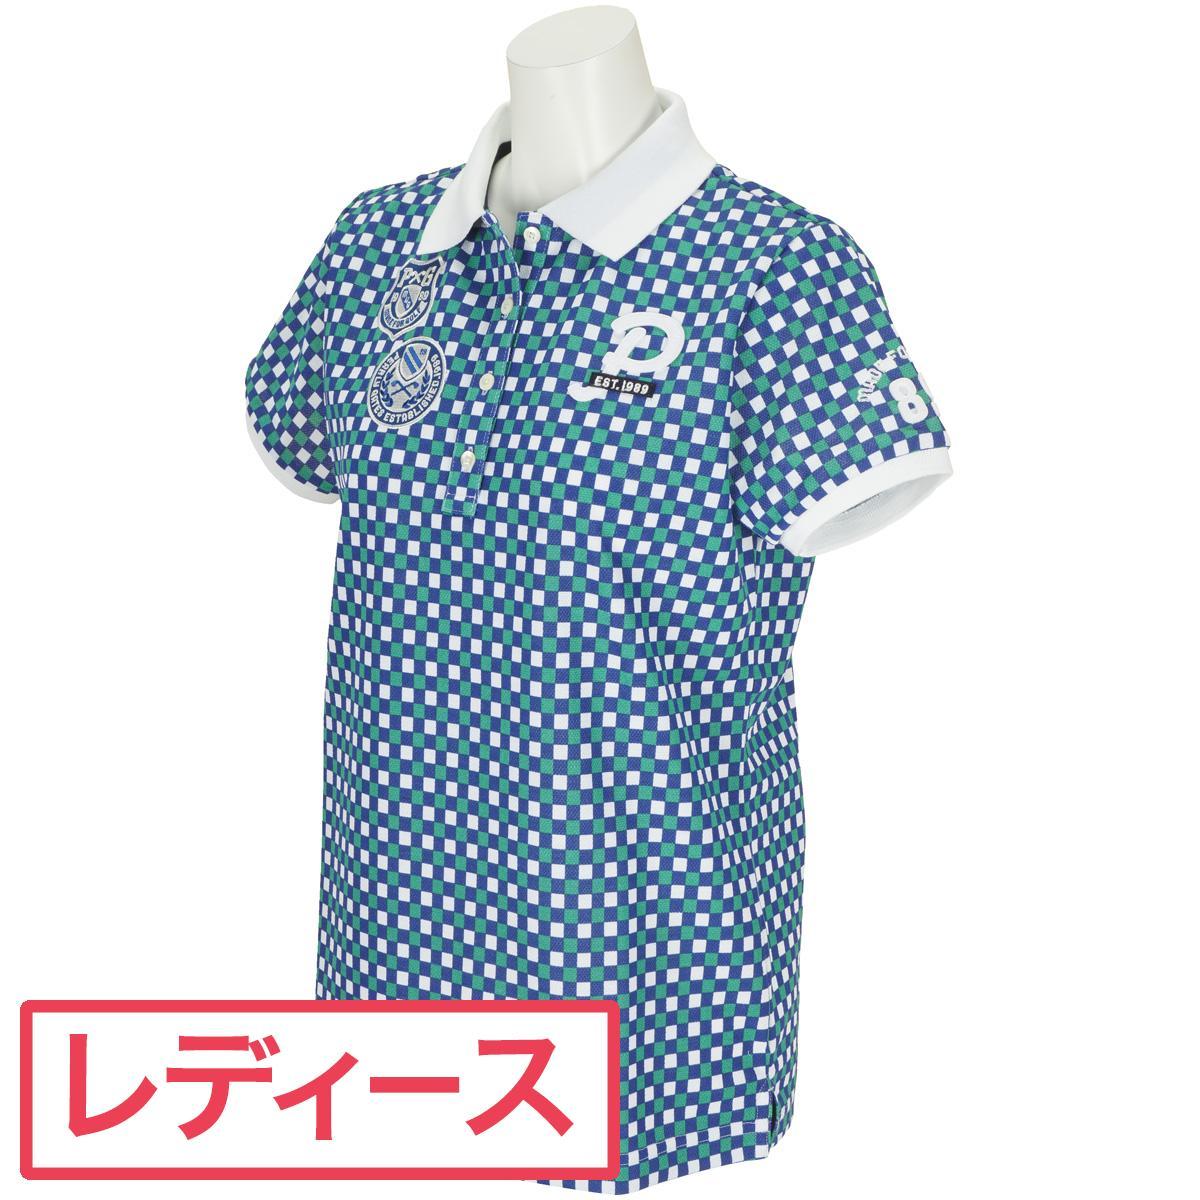 パーリーゲイツ PEARLY GATES 鹿の子チェック柄半袖ポロシャツ レディス